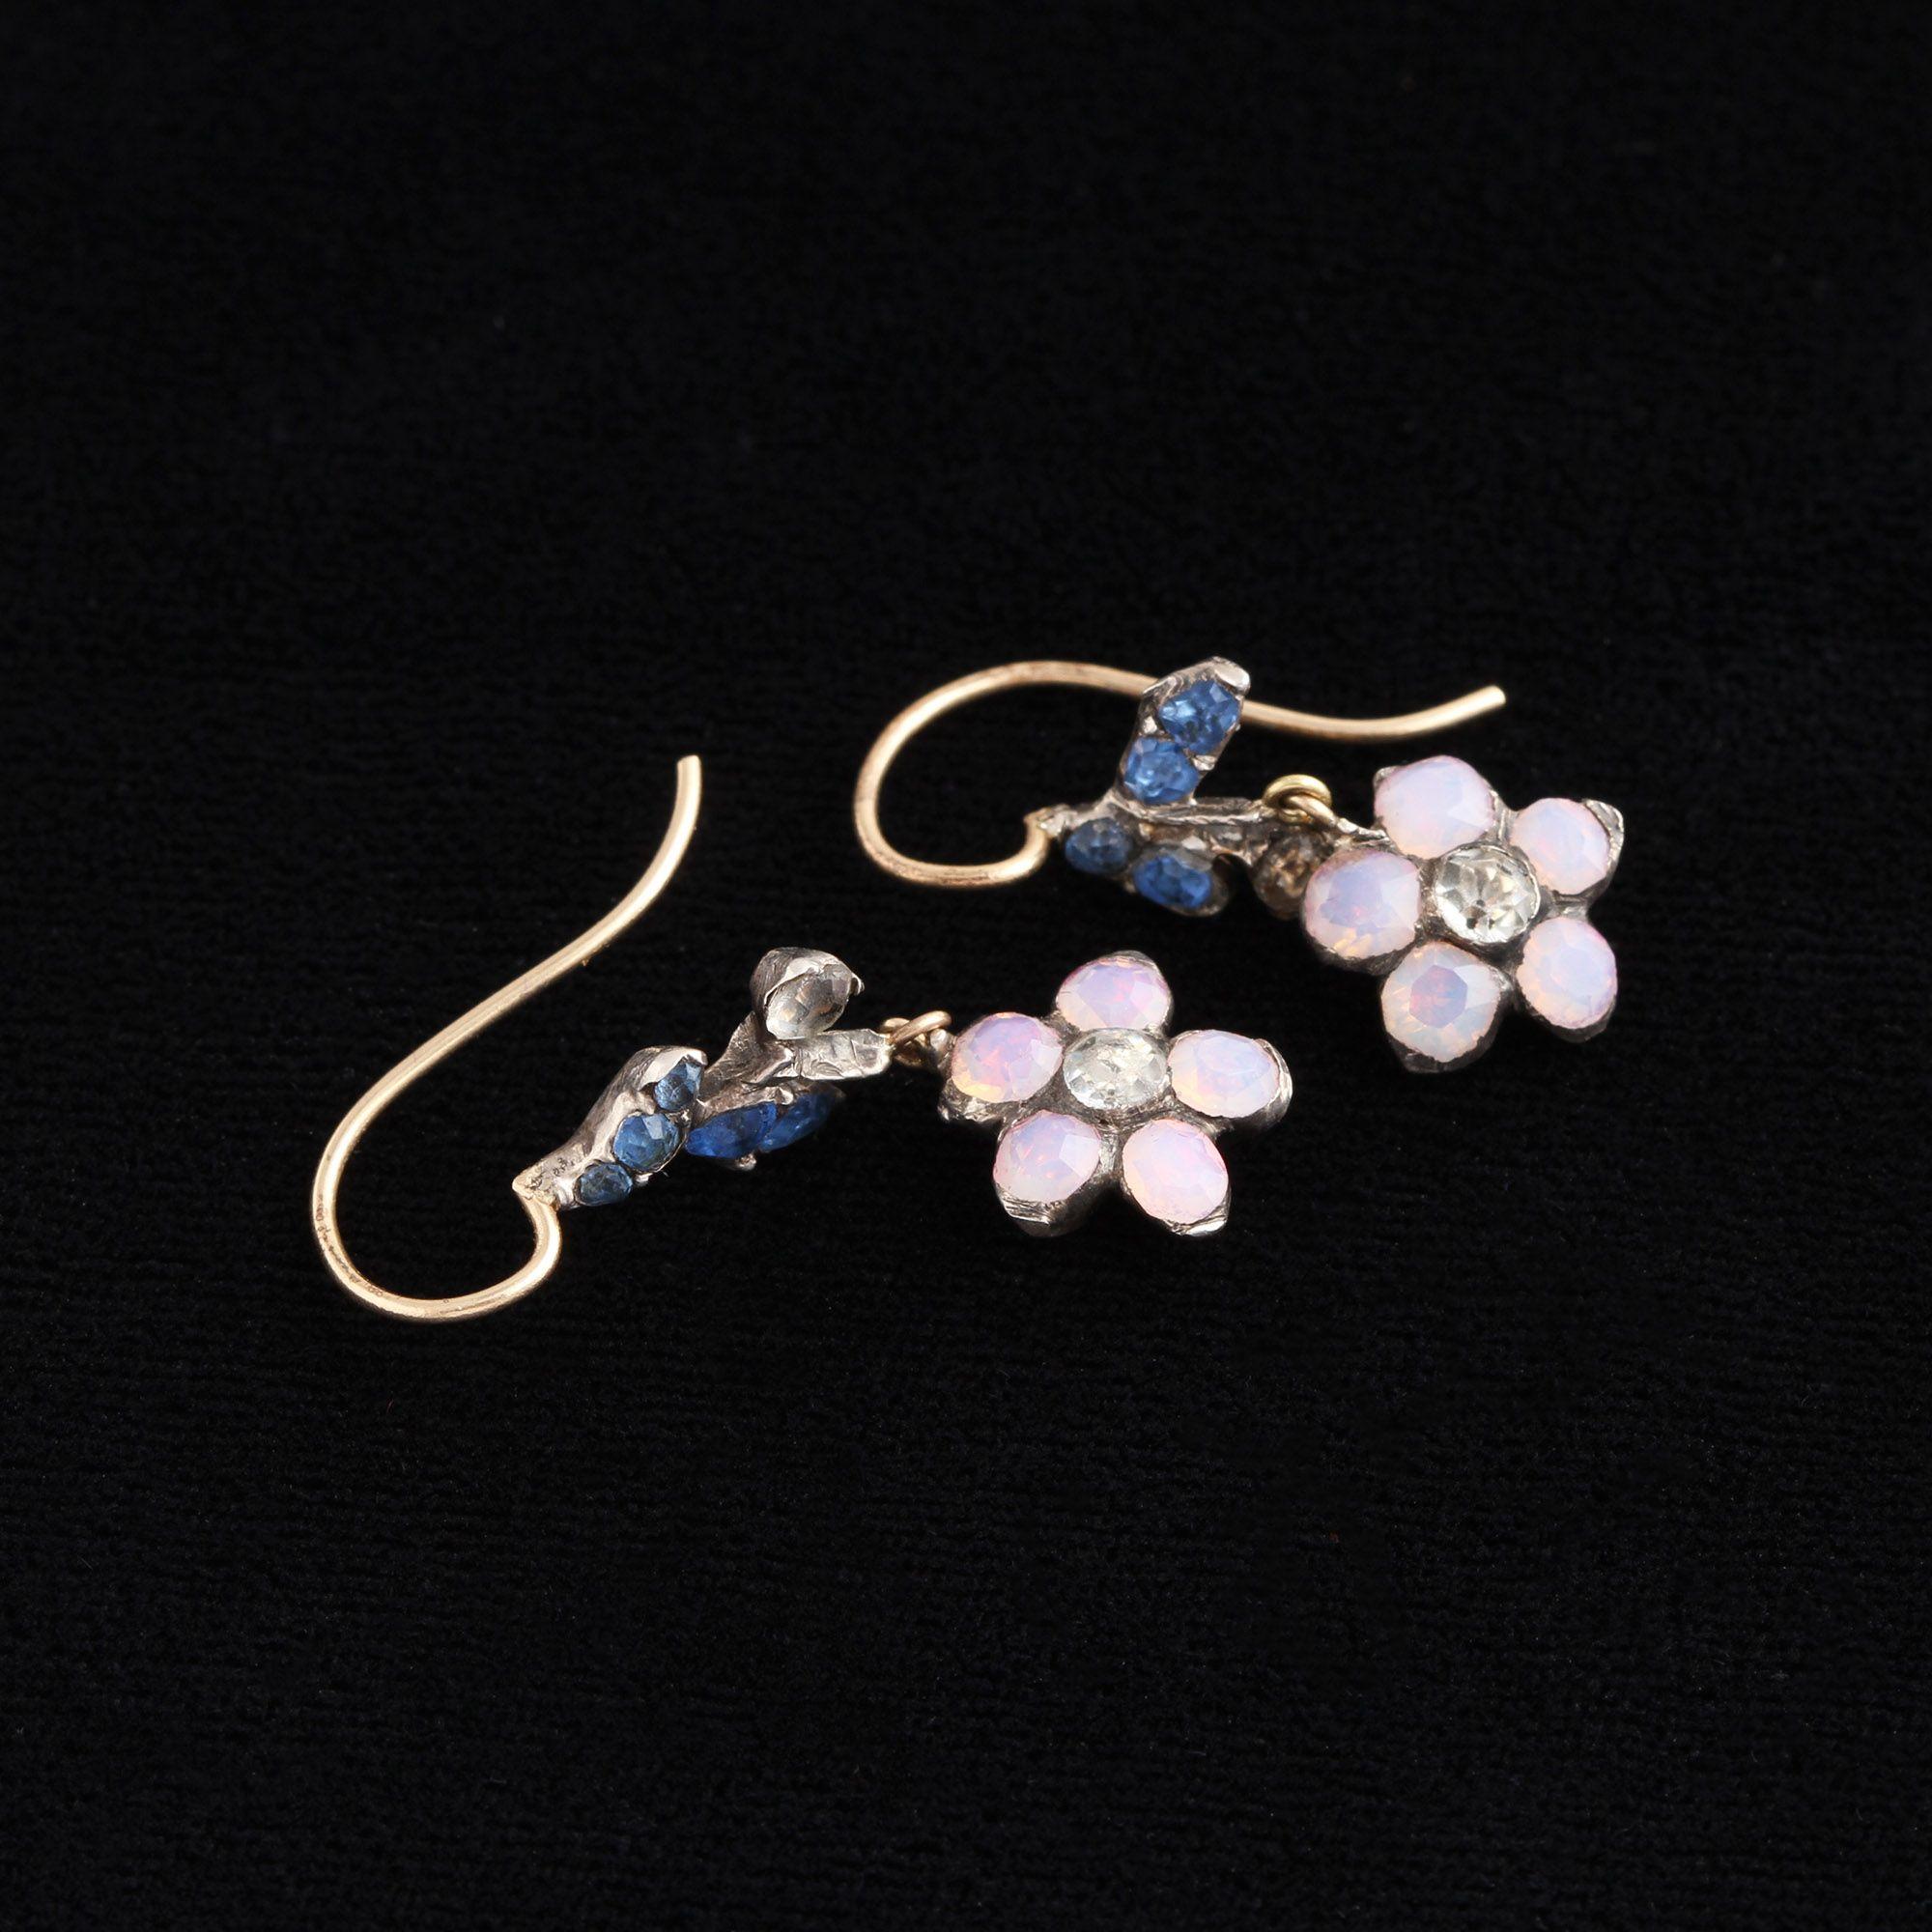 Georgian Opaline, Blue & White Paste Earrings